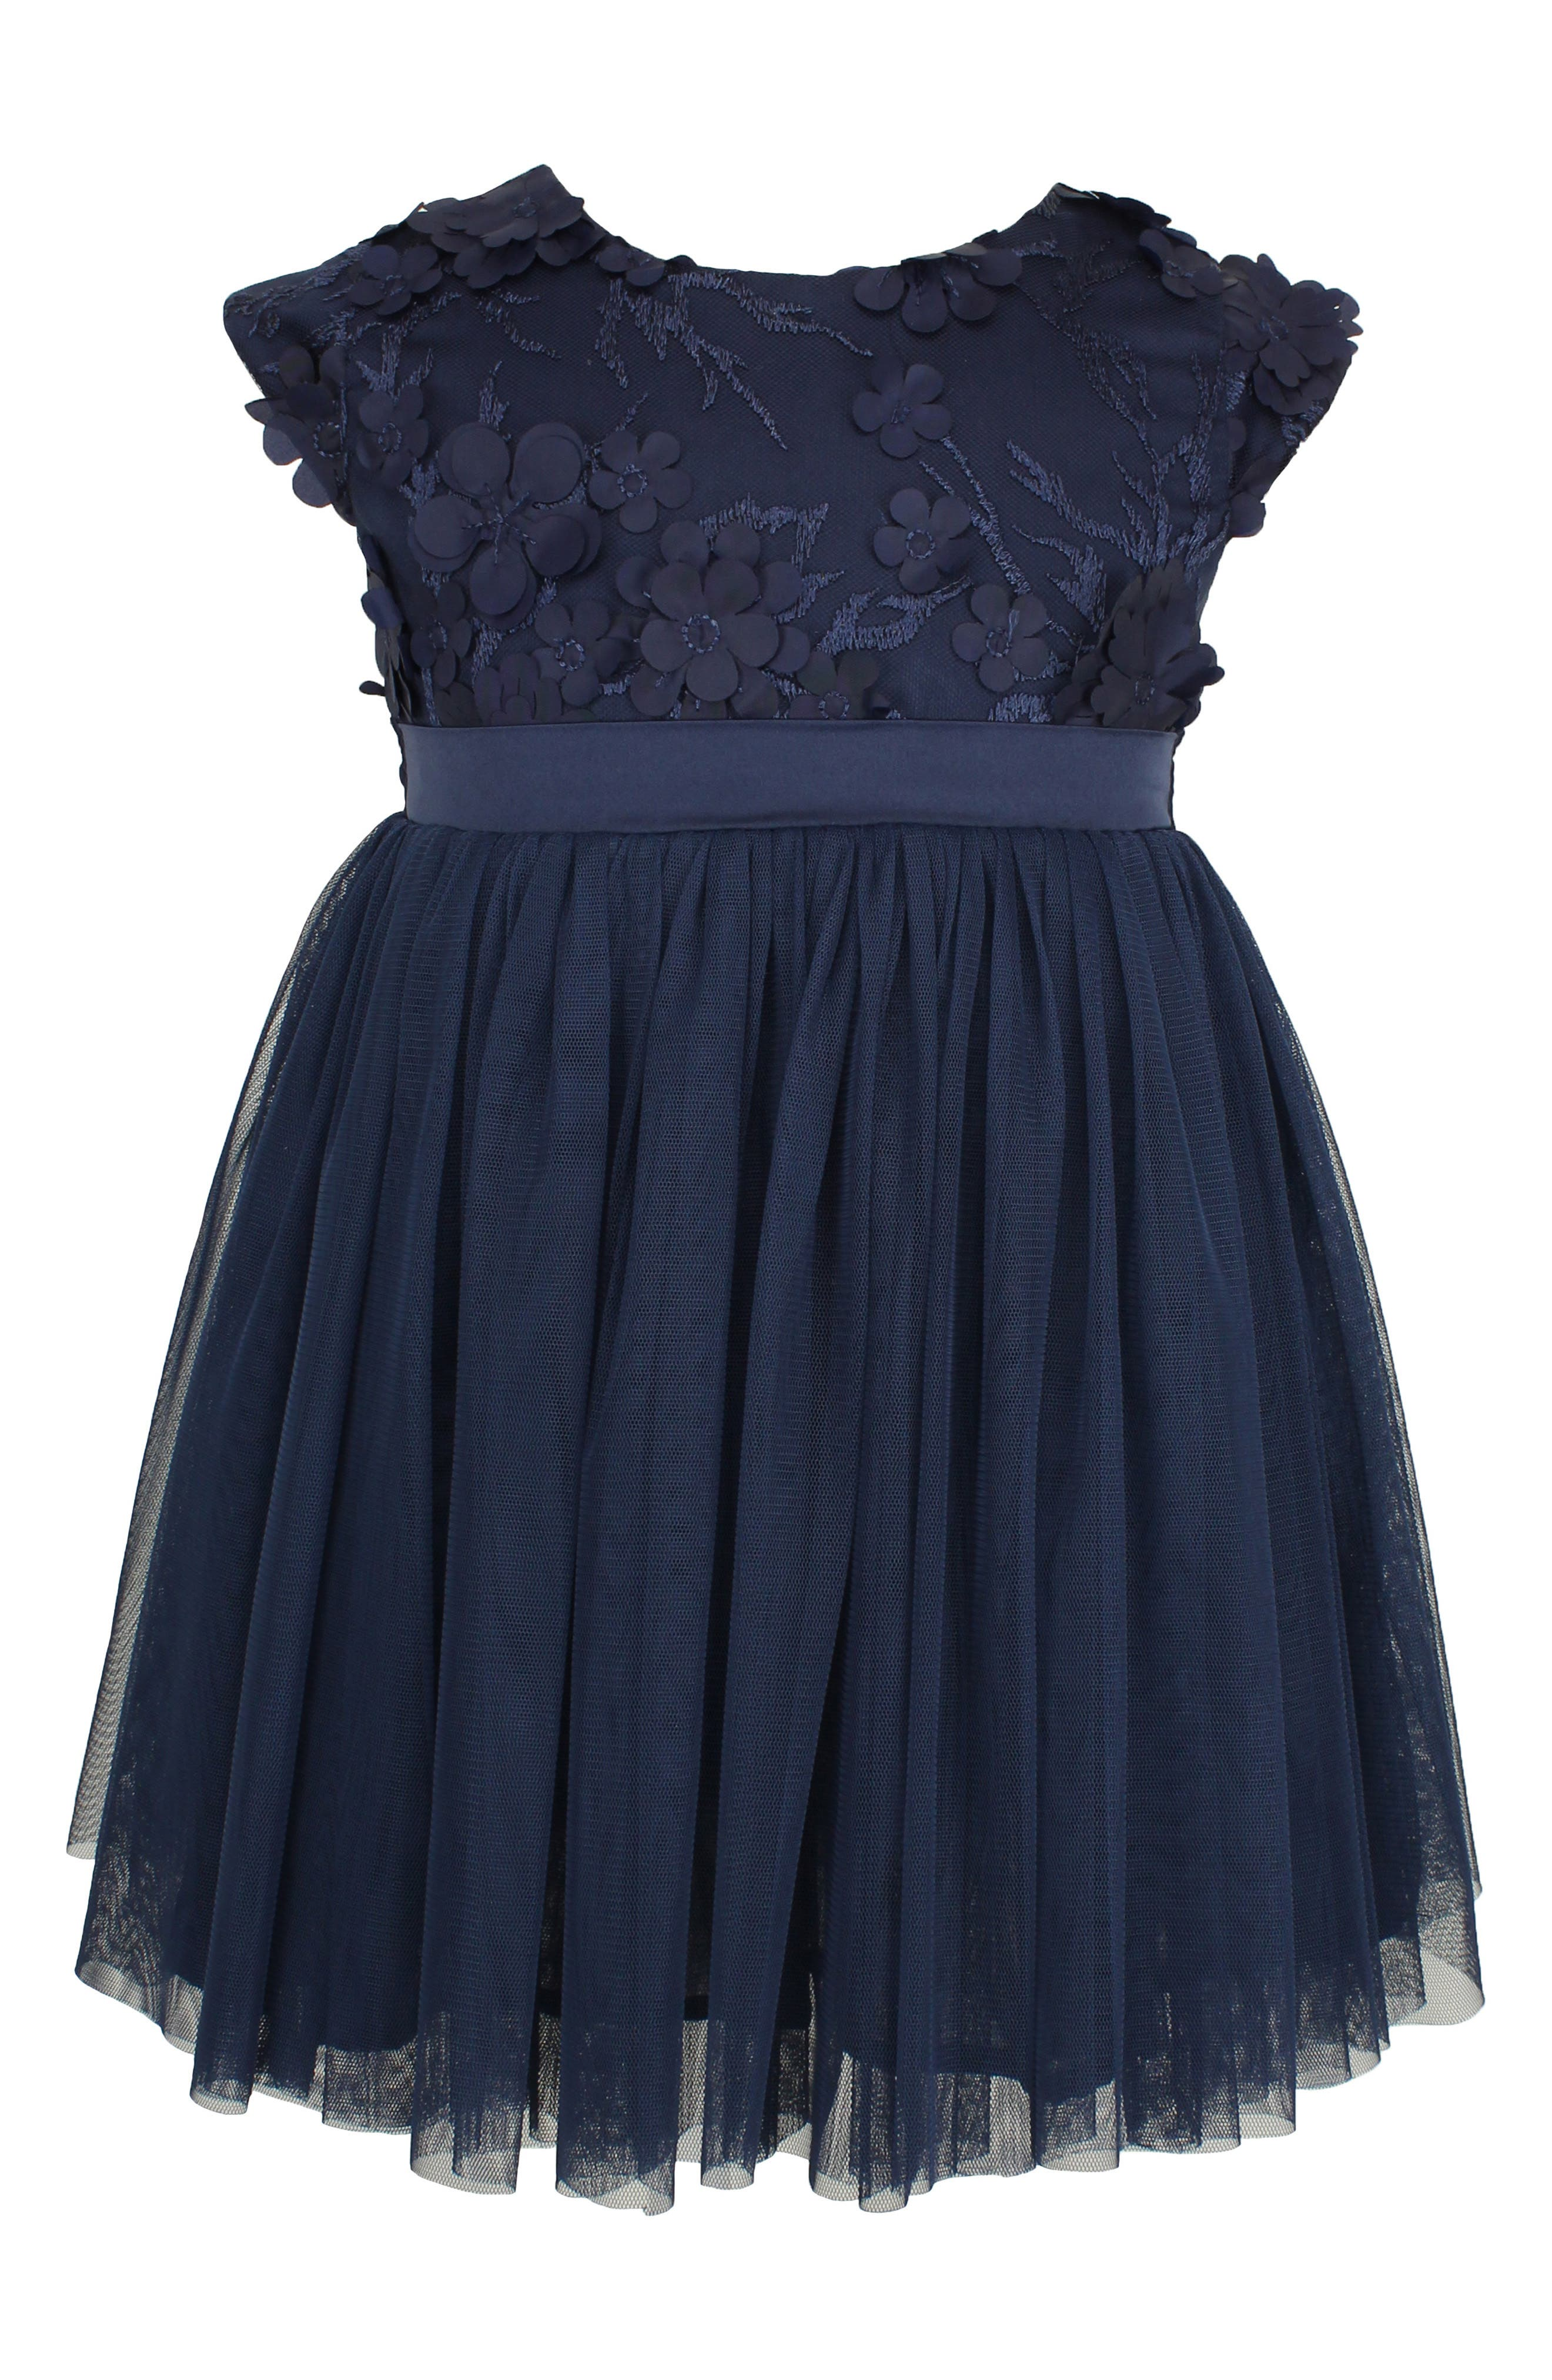 Popatu Floral Applique Dress